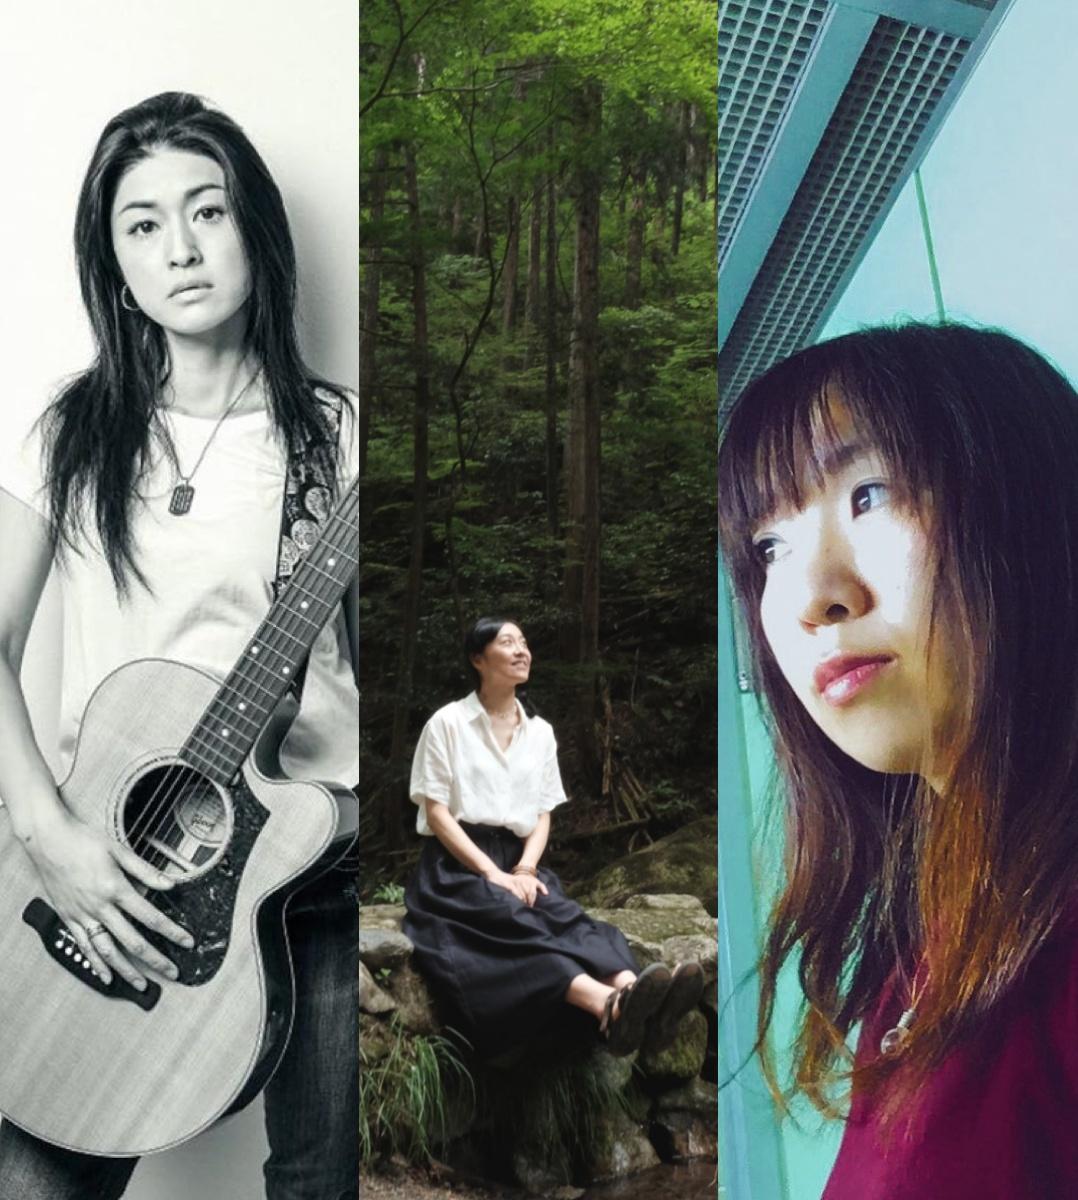 『青い空 君の空 僕の空』出演:いたづらマニア / 西尾祐理子 / 冷凍シーラカンス